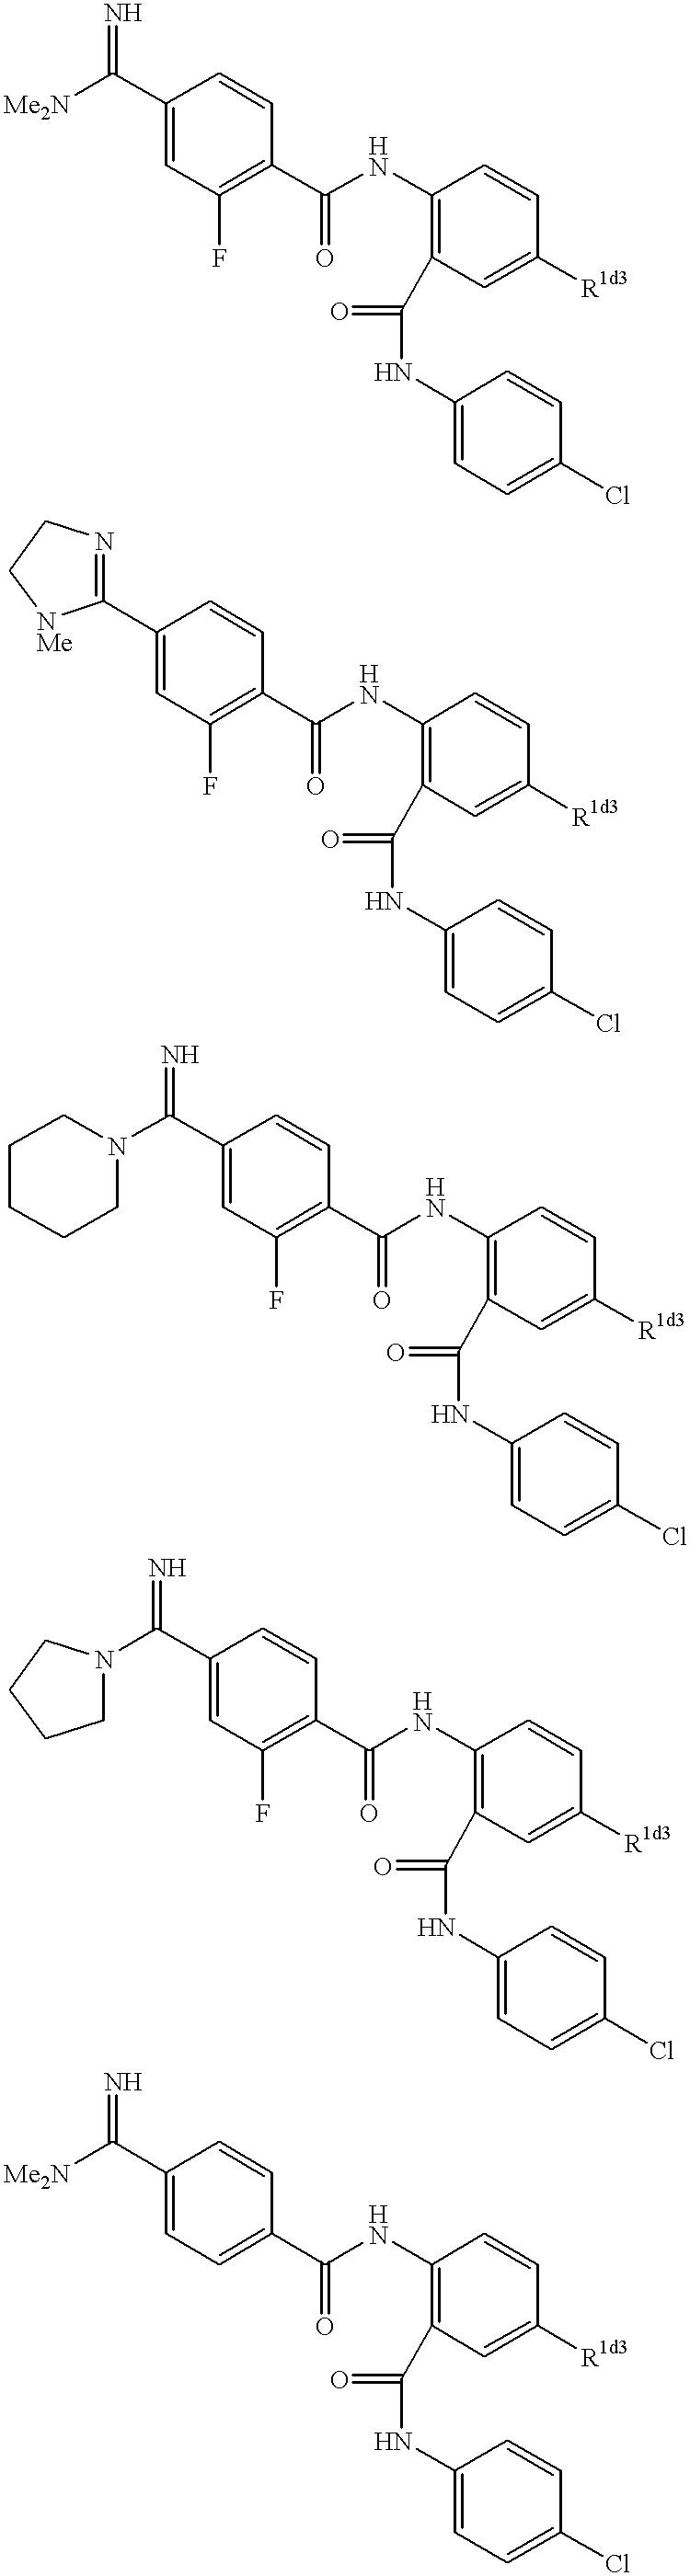 Figure US06376515-20020423-C00240